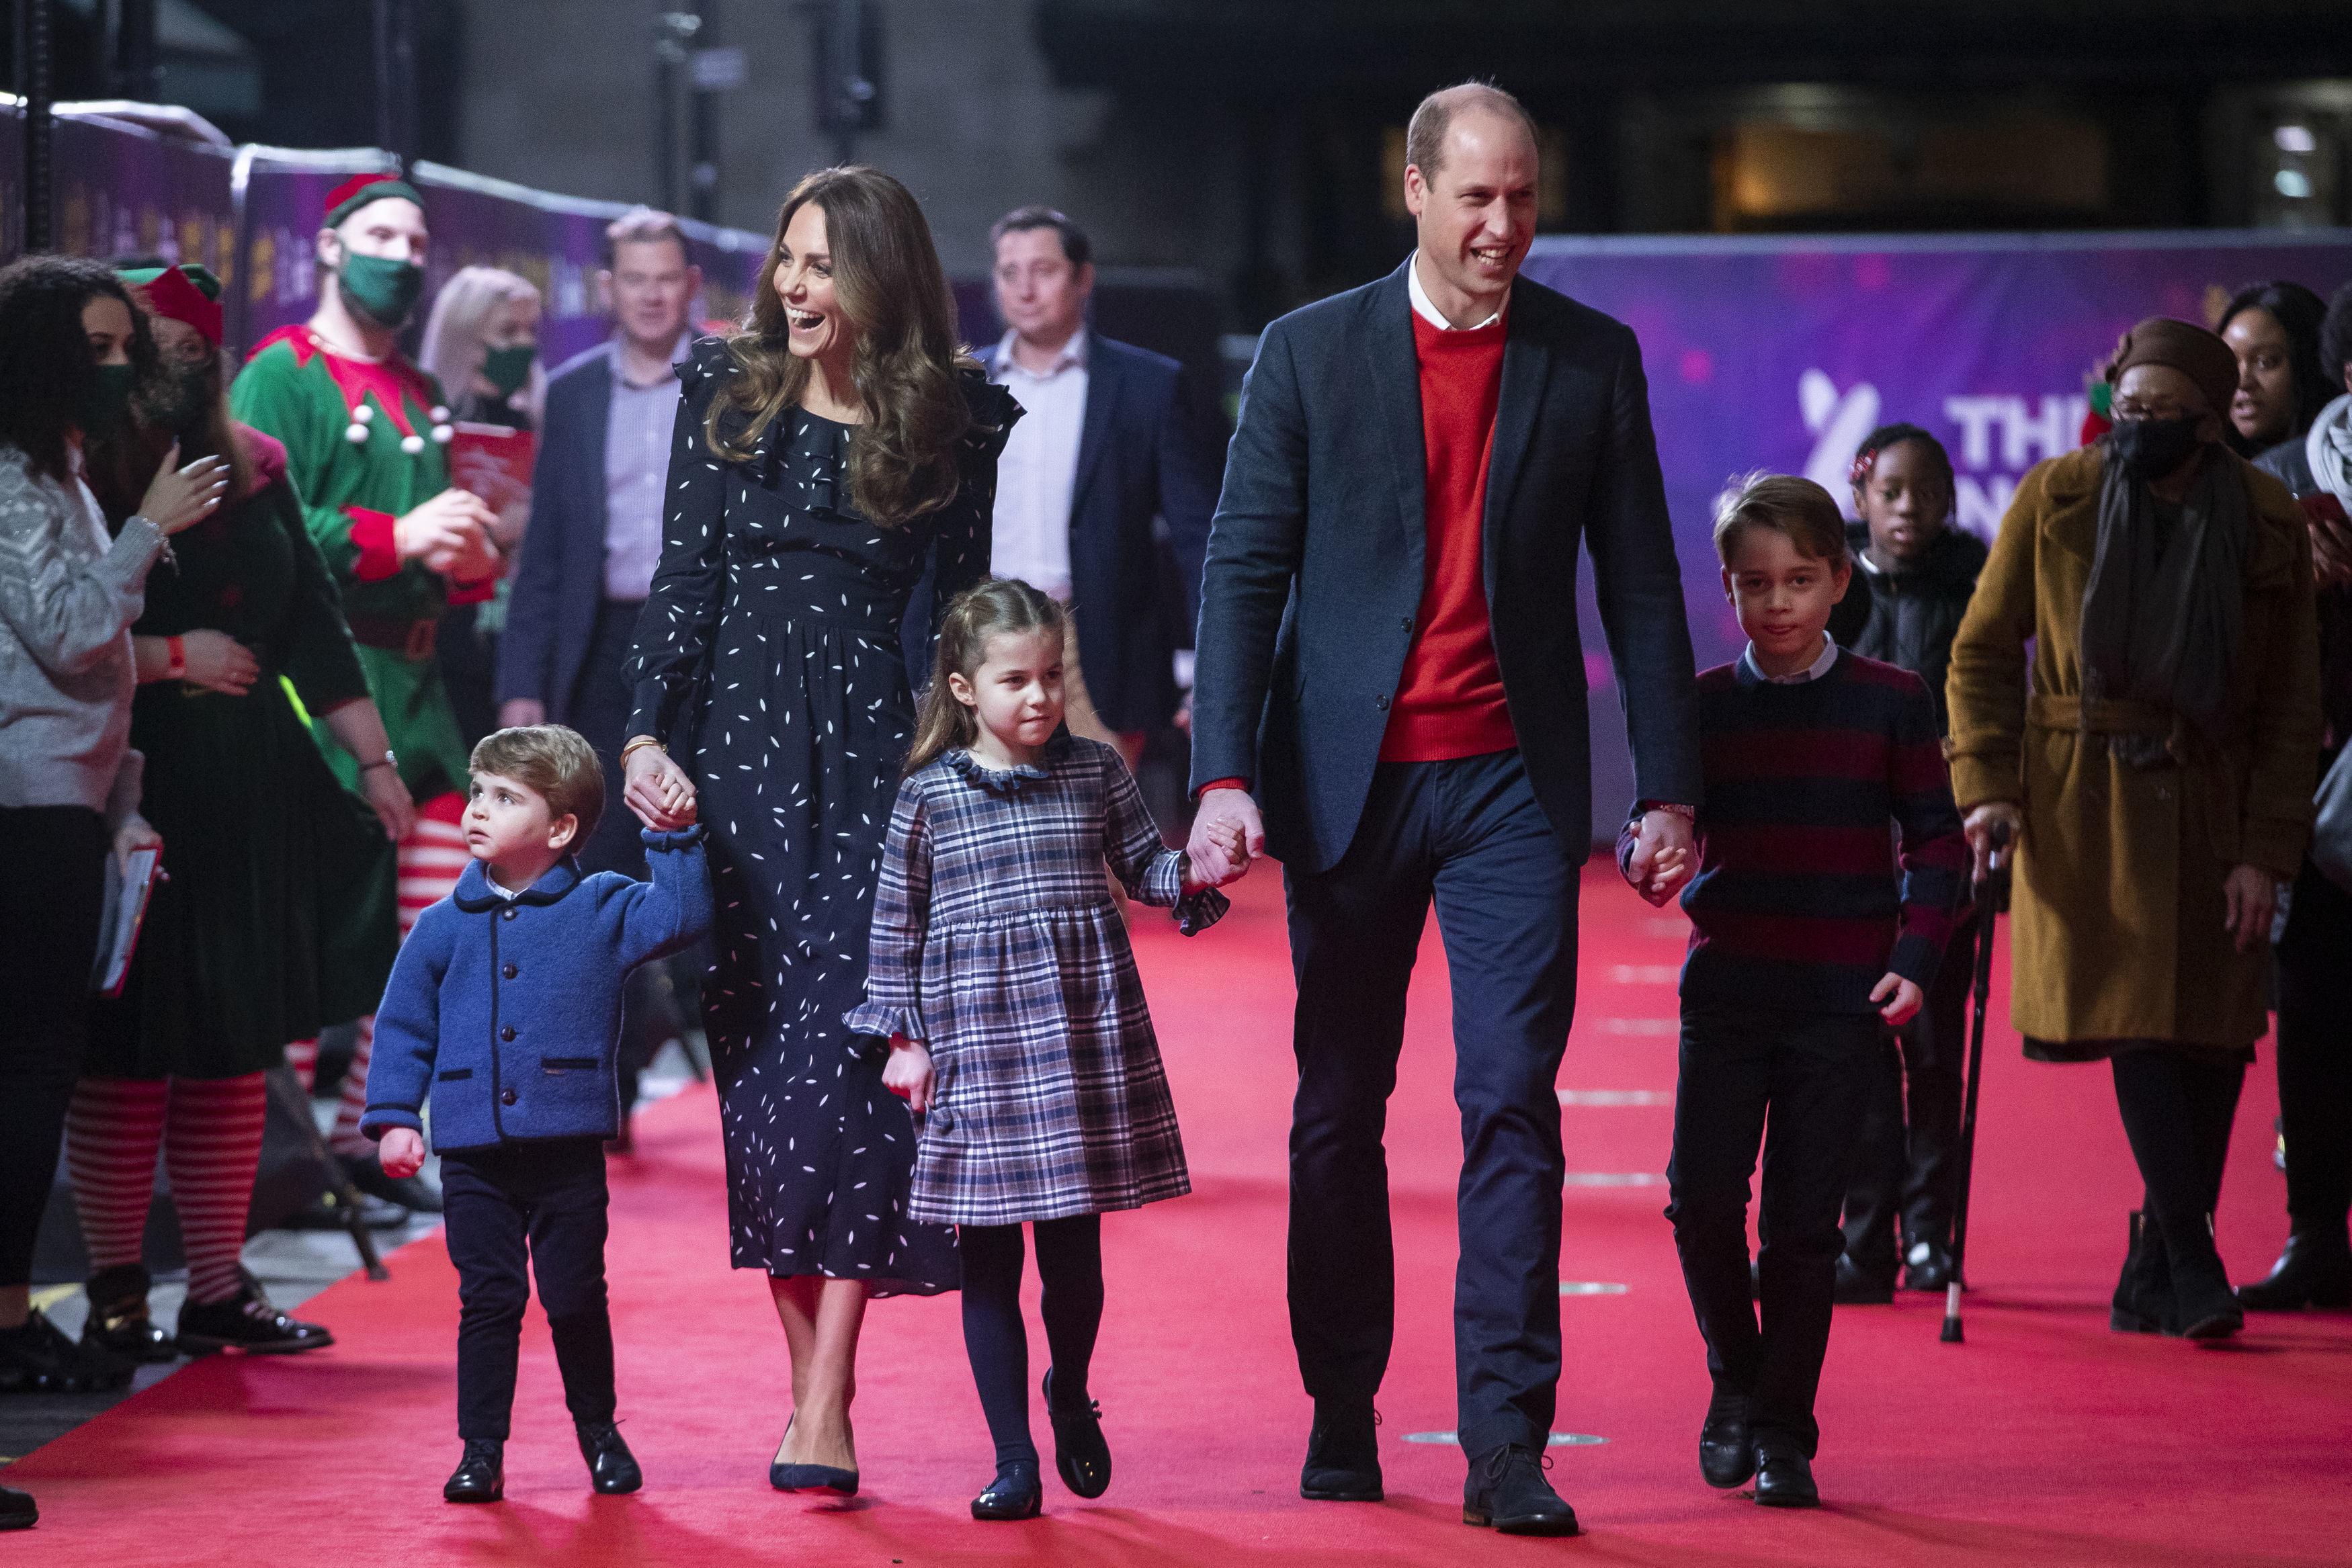 La pareja de la monarquía británica celebra, hoy, jueves, sus diez años de matrimonio junto a sus tres hermosos hijos.